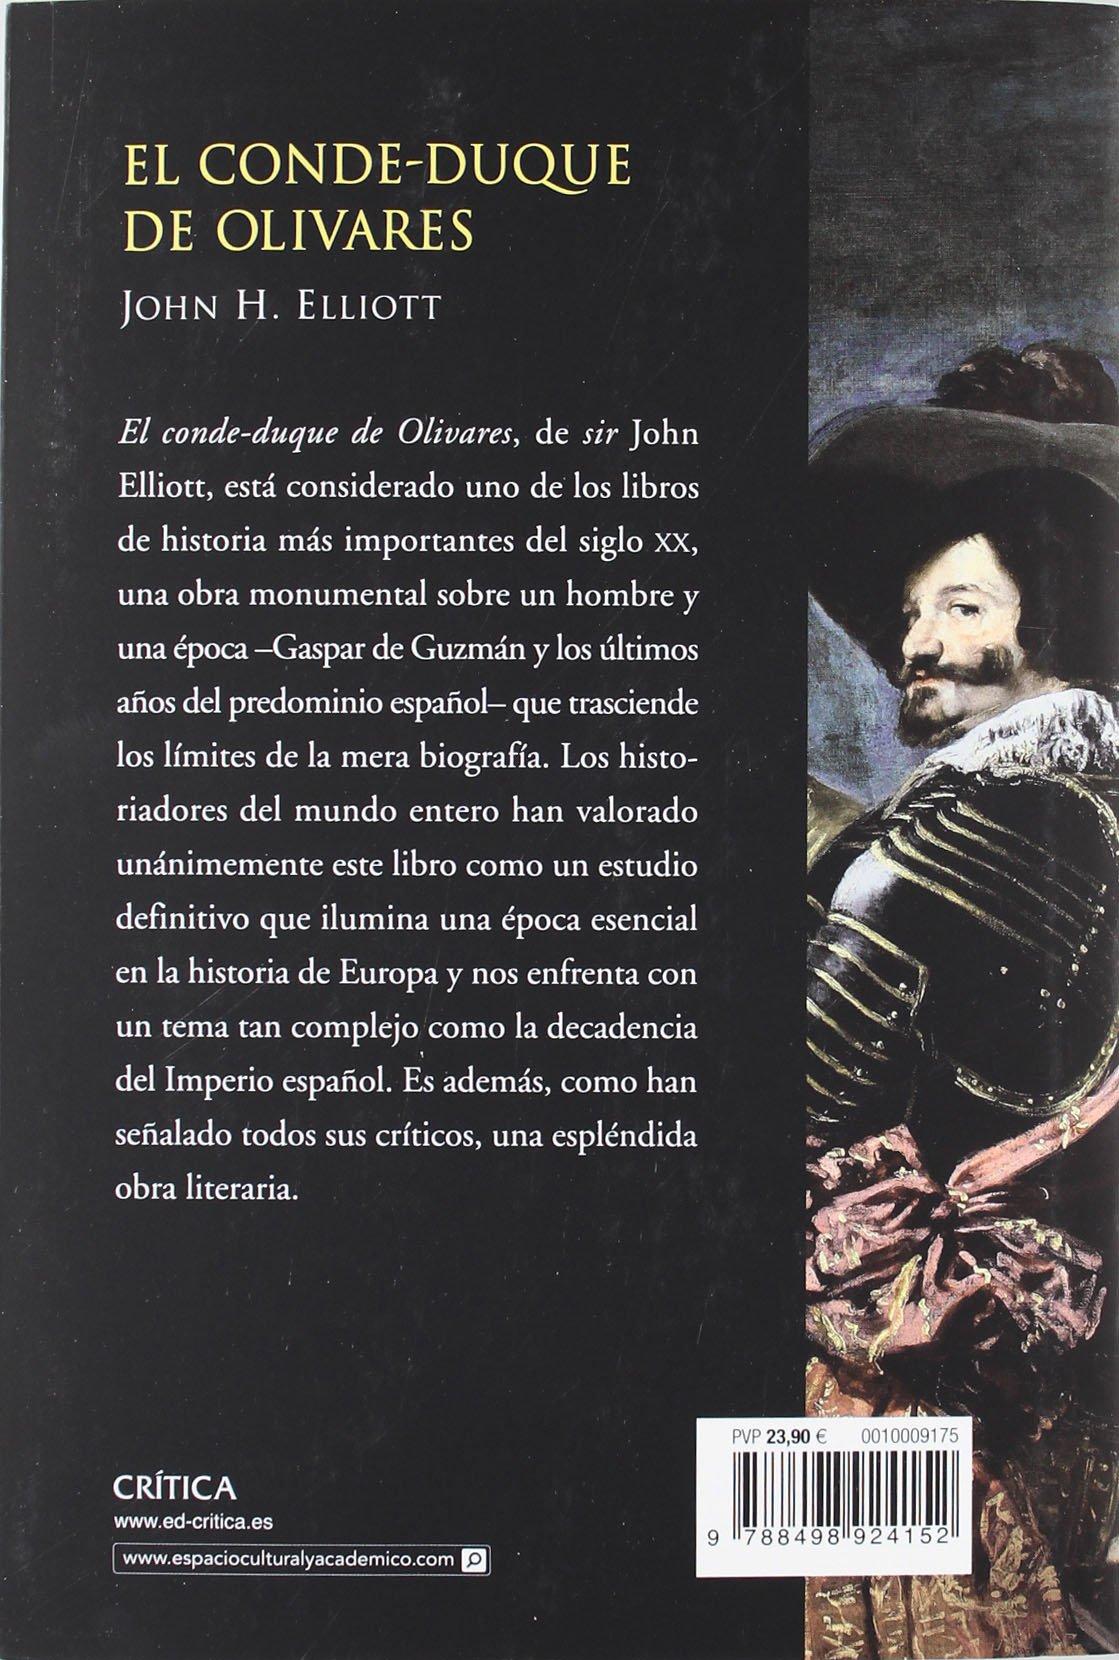 El conde-duque de Olivares (Serie Mayor): Amazon.es: Elliot, John H., Lozoya, Teófilo de: Libros